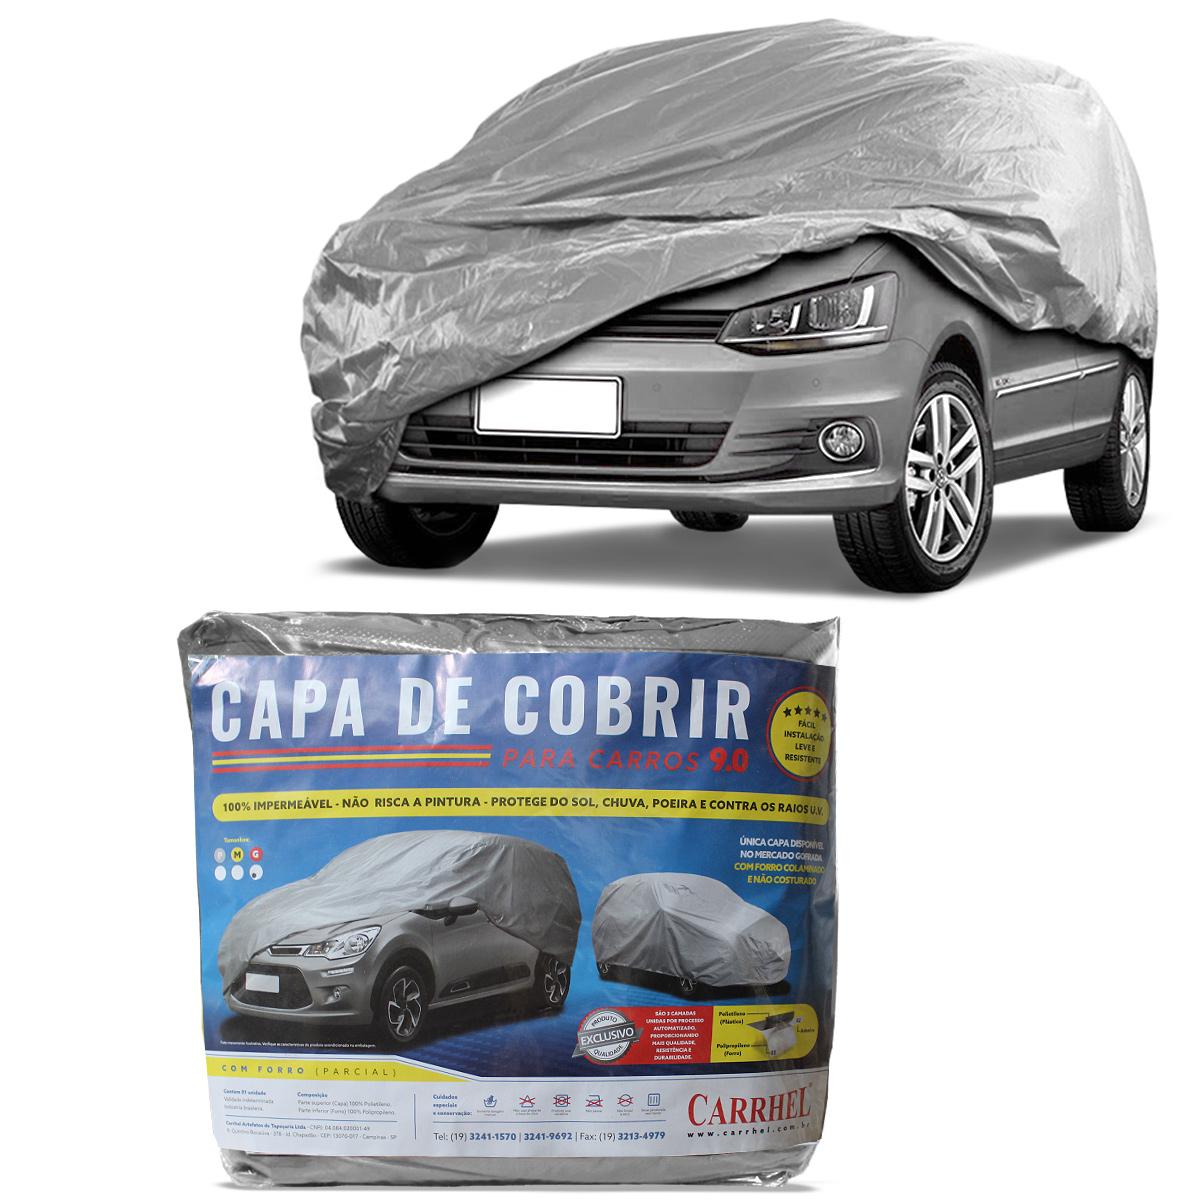 Capa de Cobrir Carro Grande Forrada Parcial Gofrada Impermeável